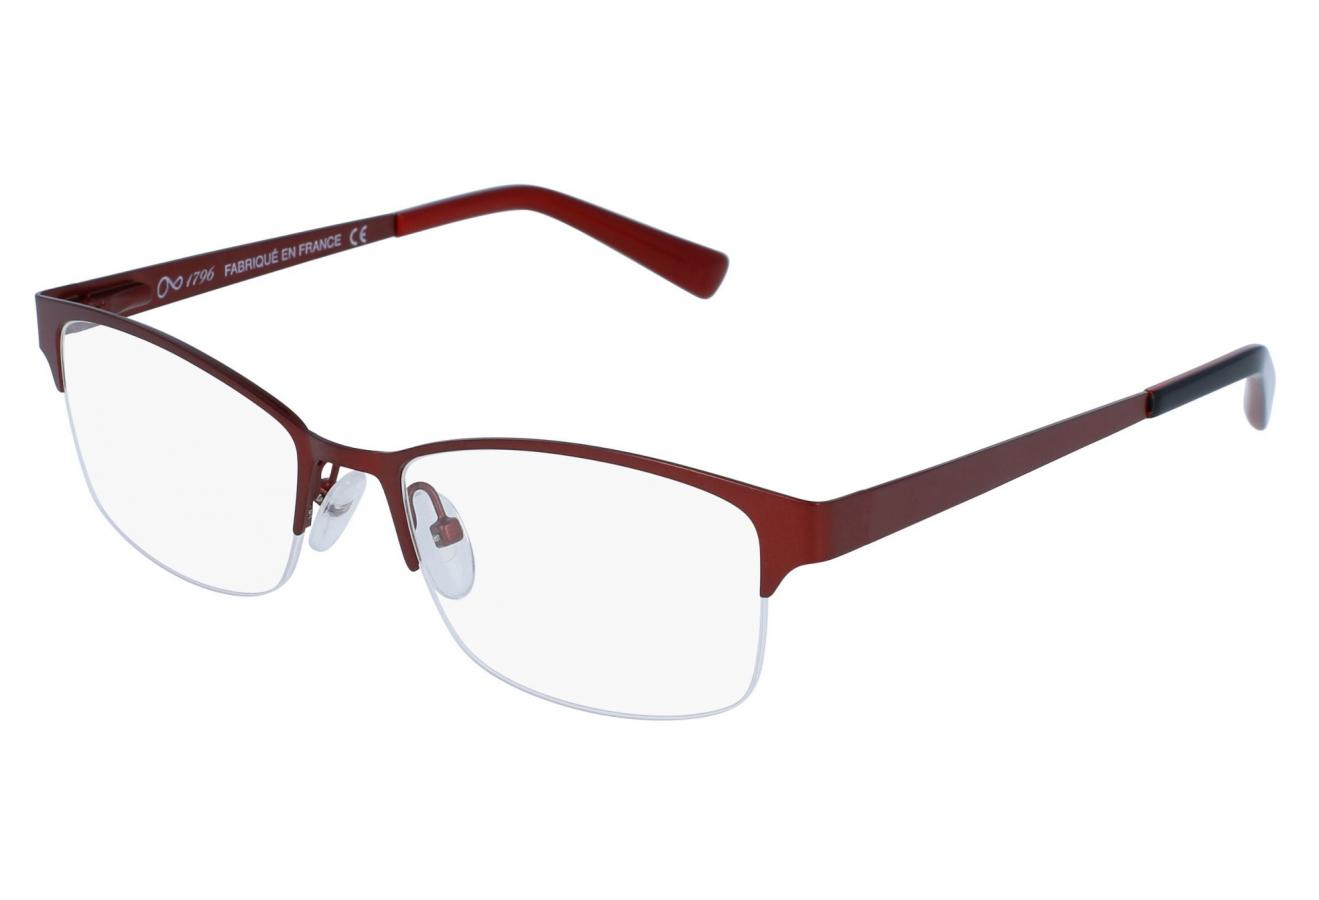 essayage de lunette de vue virtuel